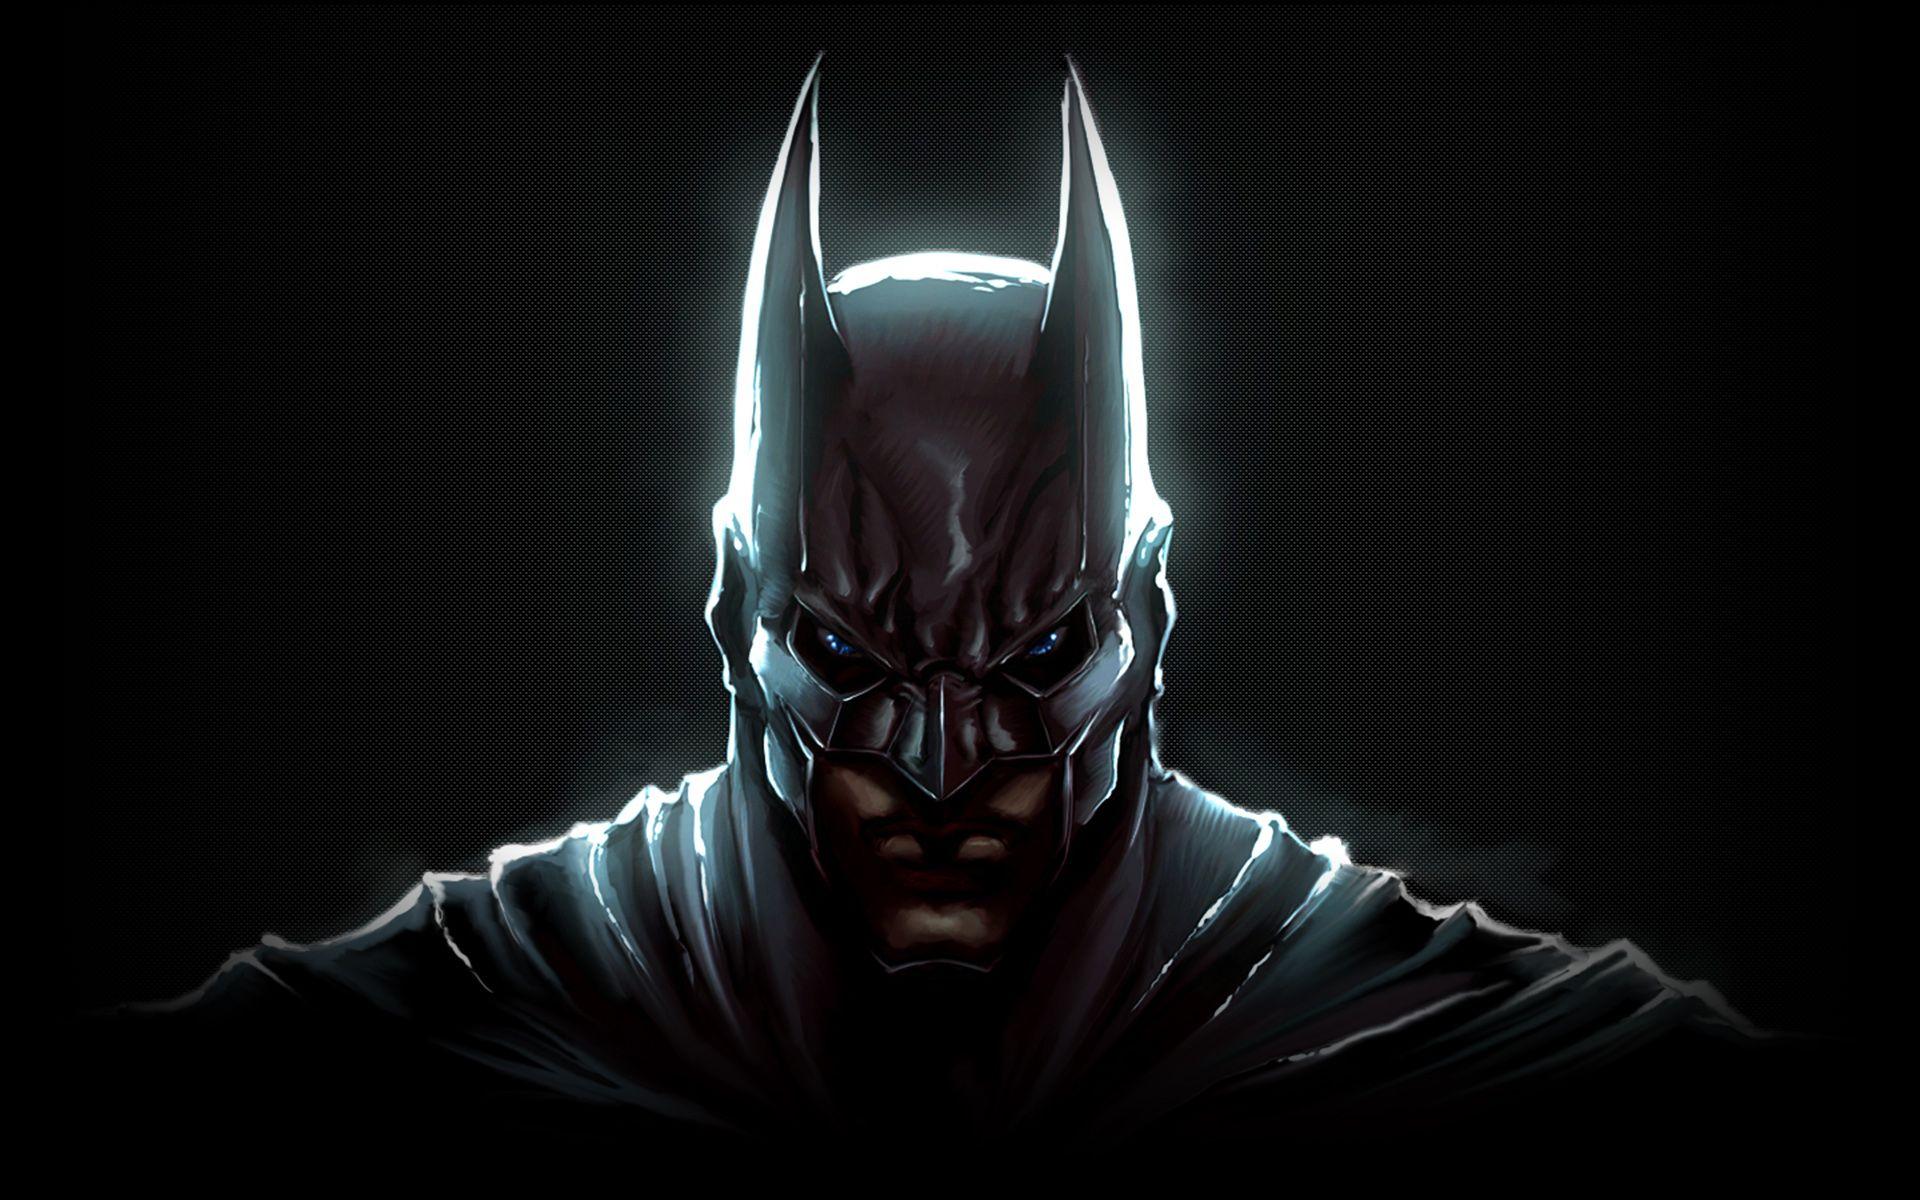 batman background, 1080p batman wallpaper